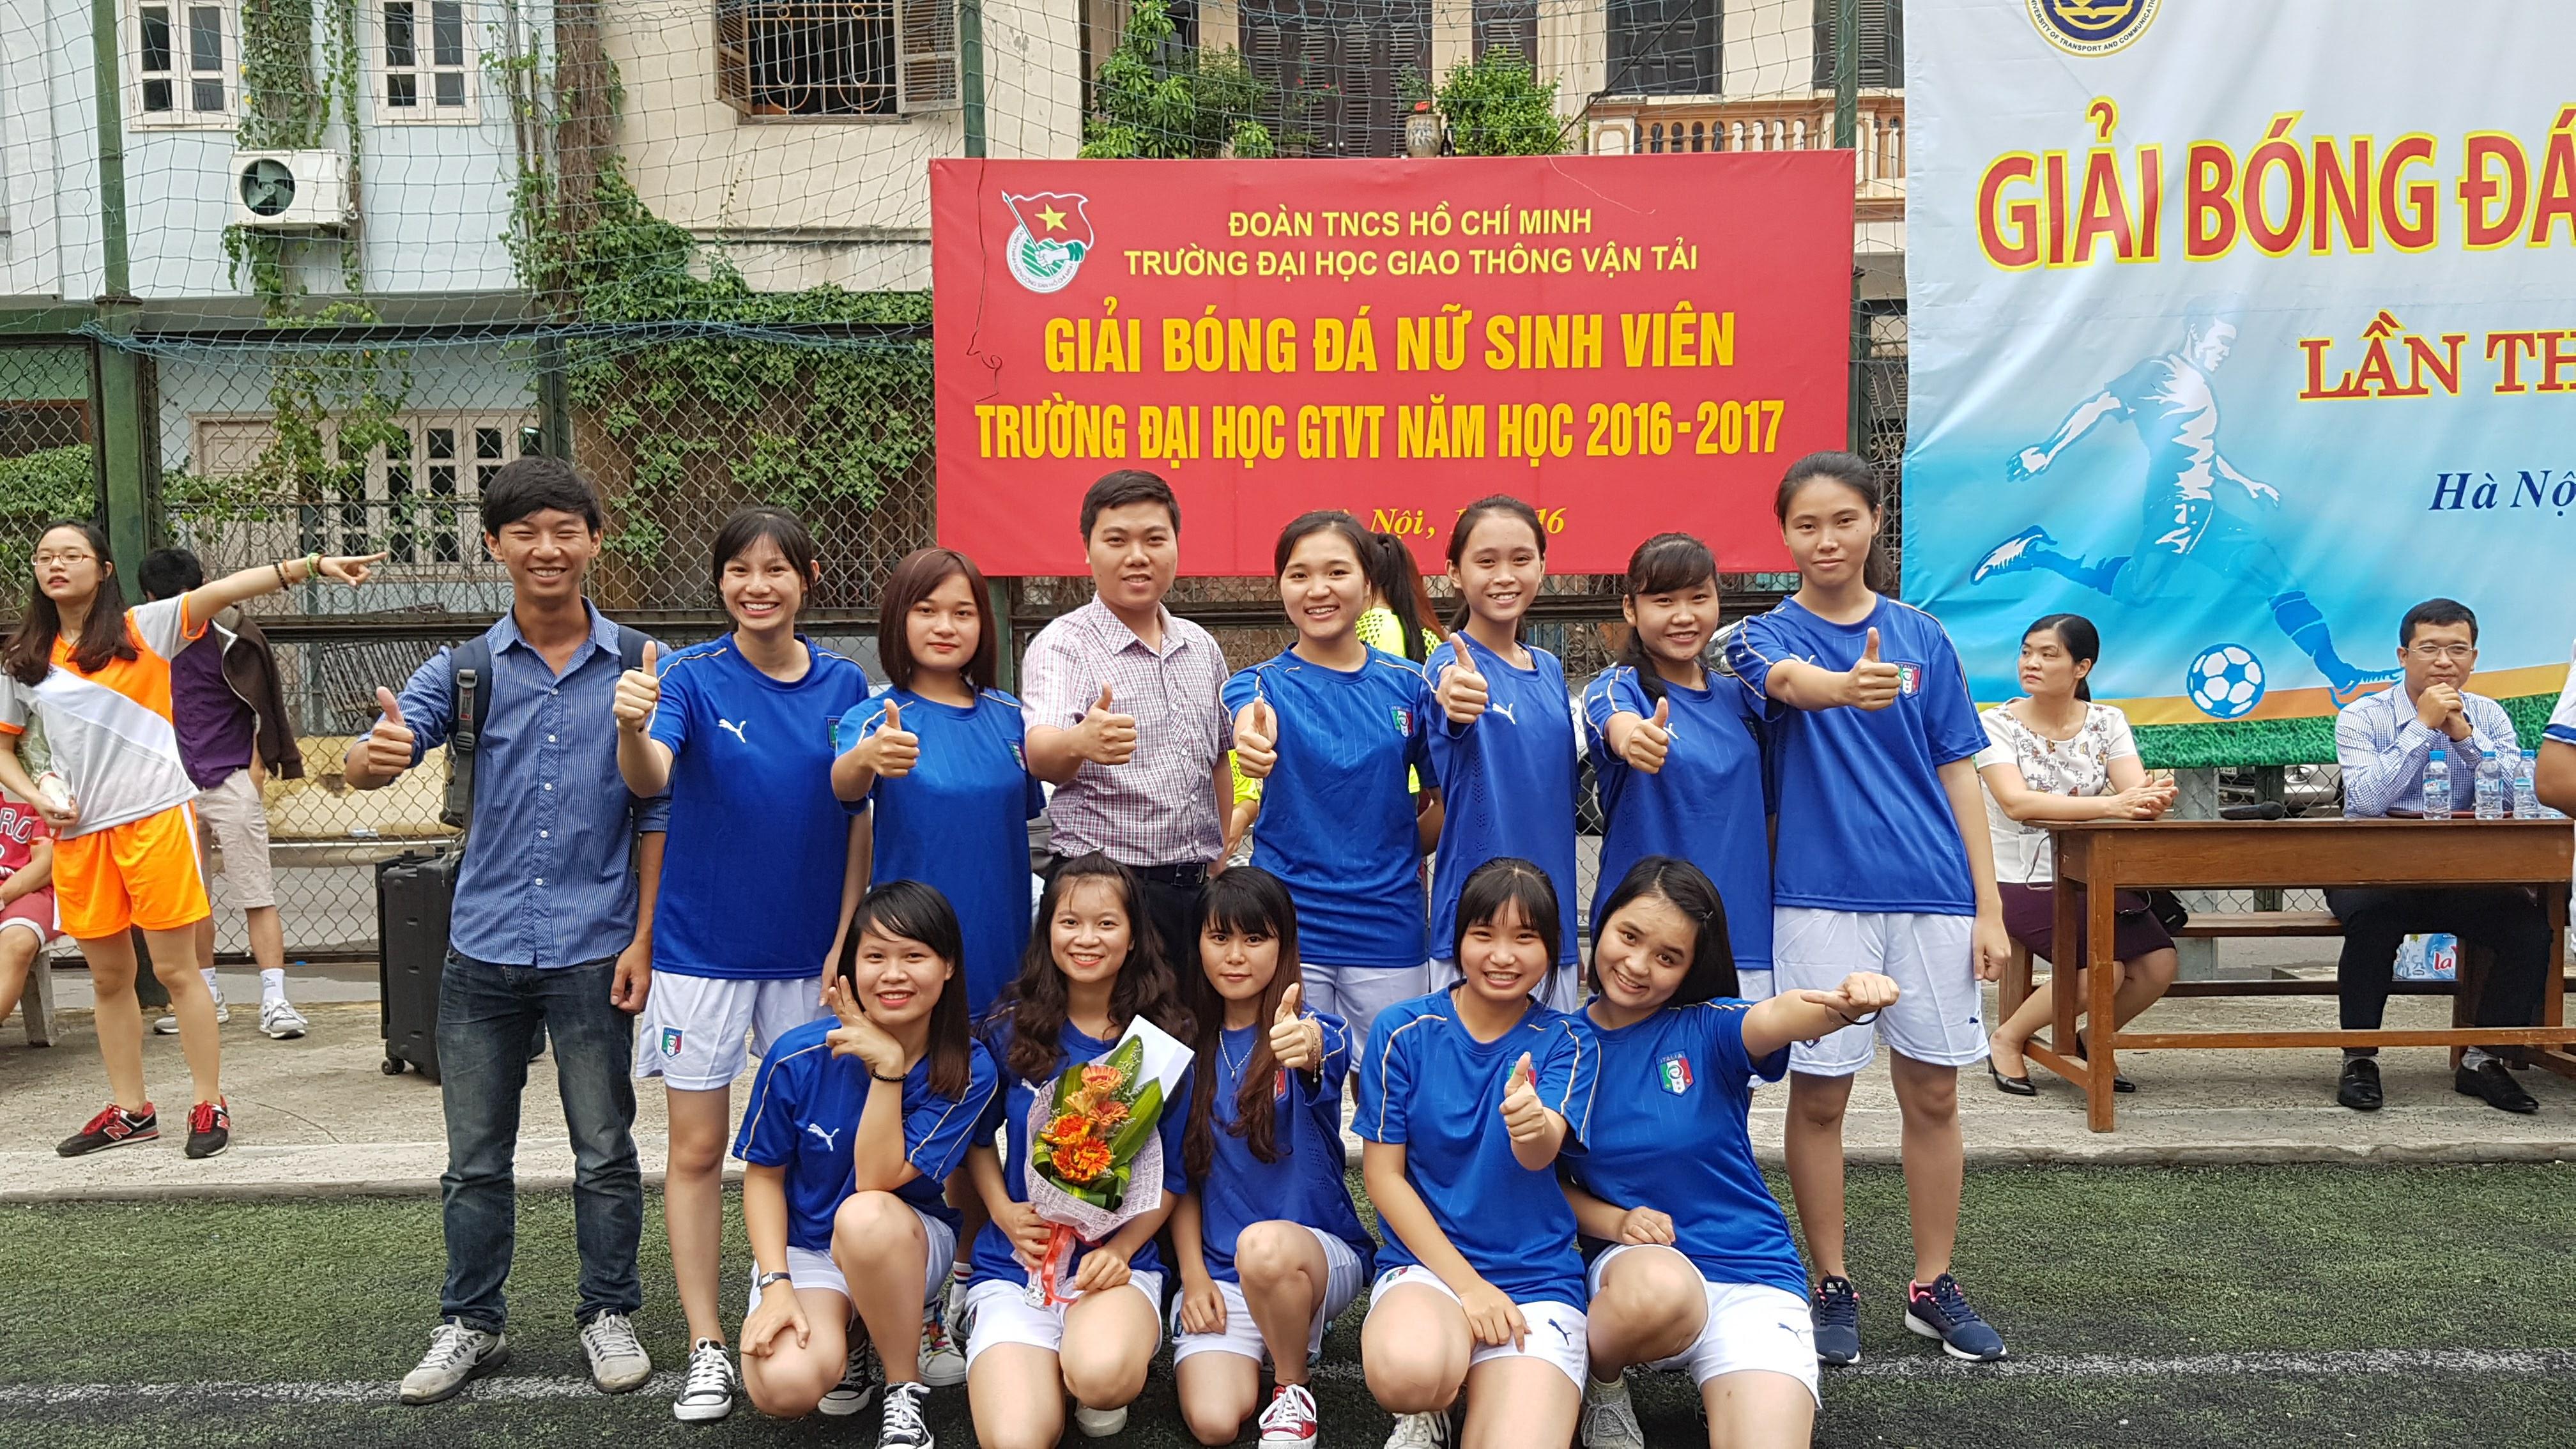 giải bóng đá nữ sinh viên Trường ĐHGTVT năm 2016_2